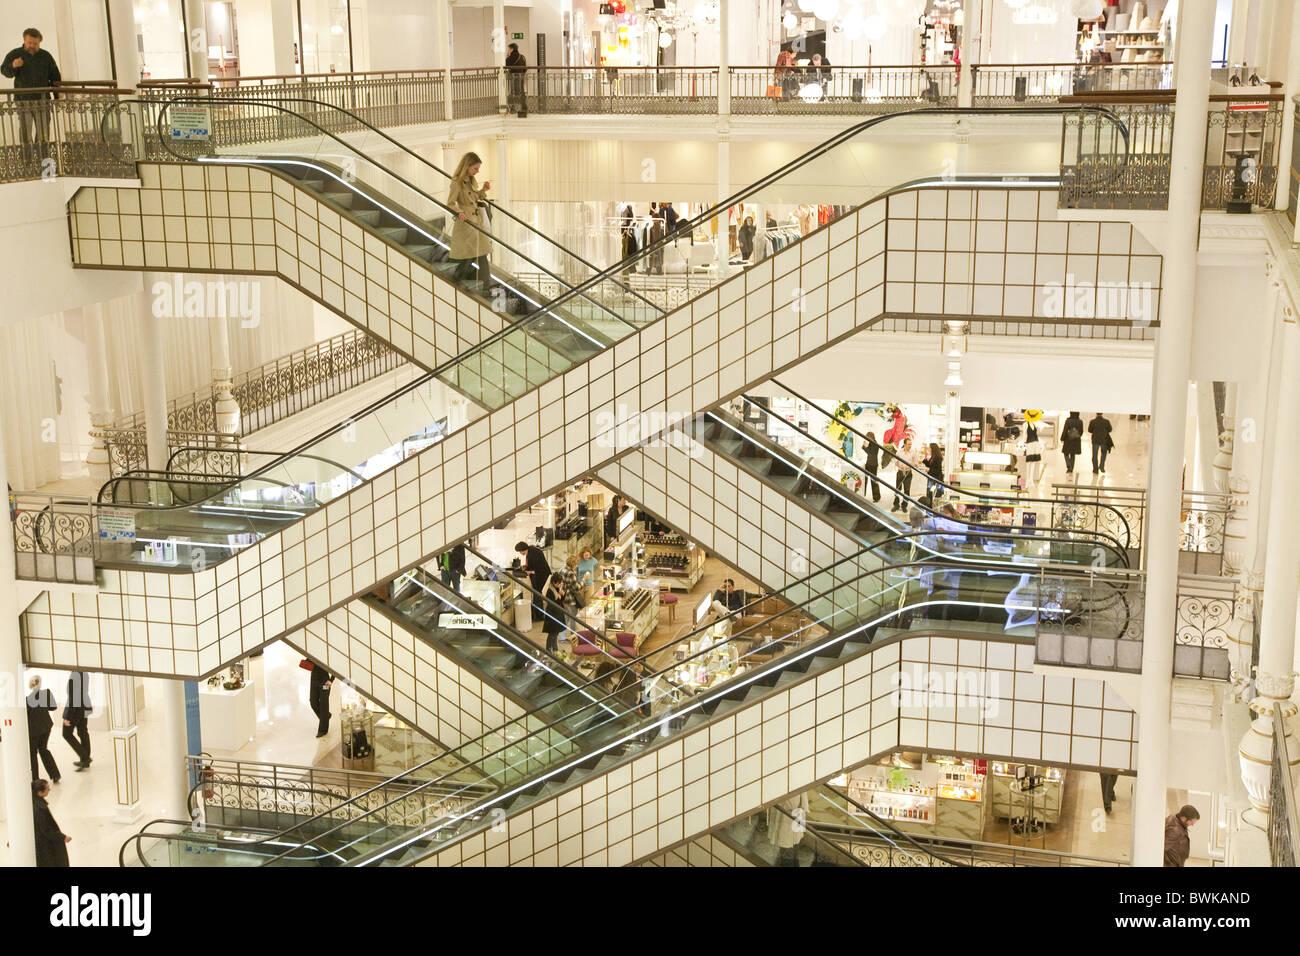 people on escalators. people on escalators at department store le bon marché, 7th arrondissement, paris, france, europe